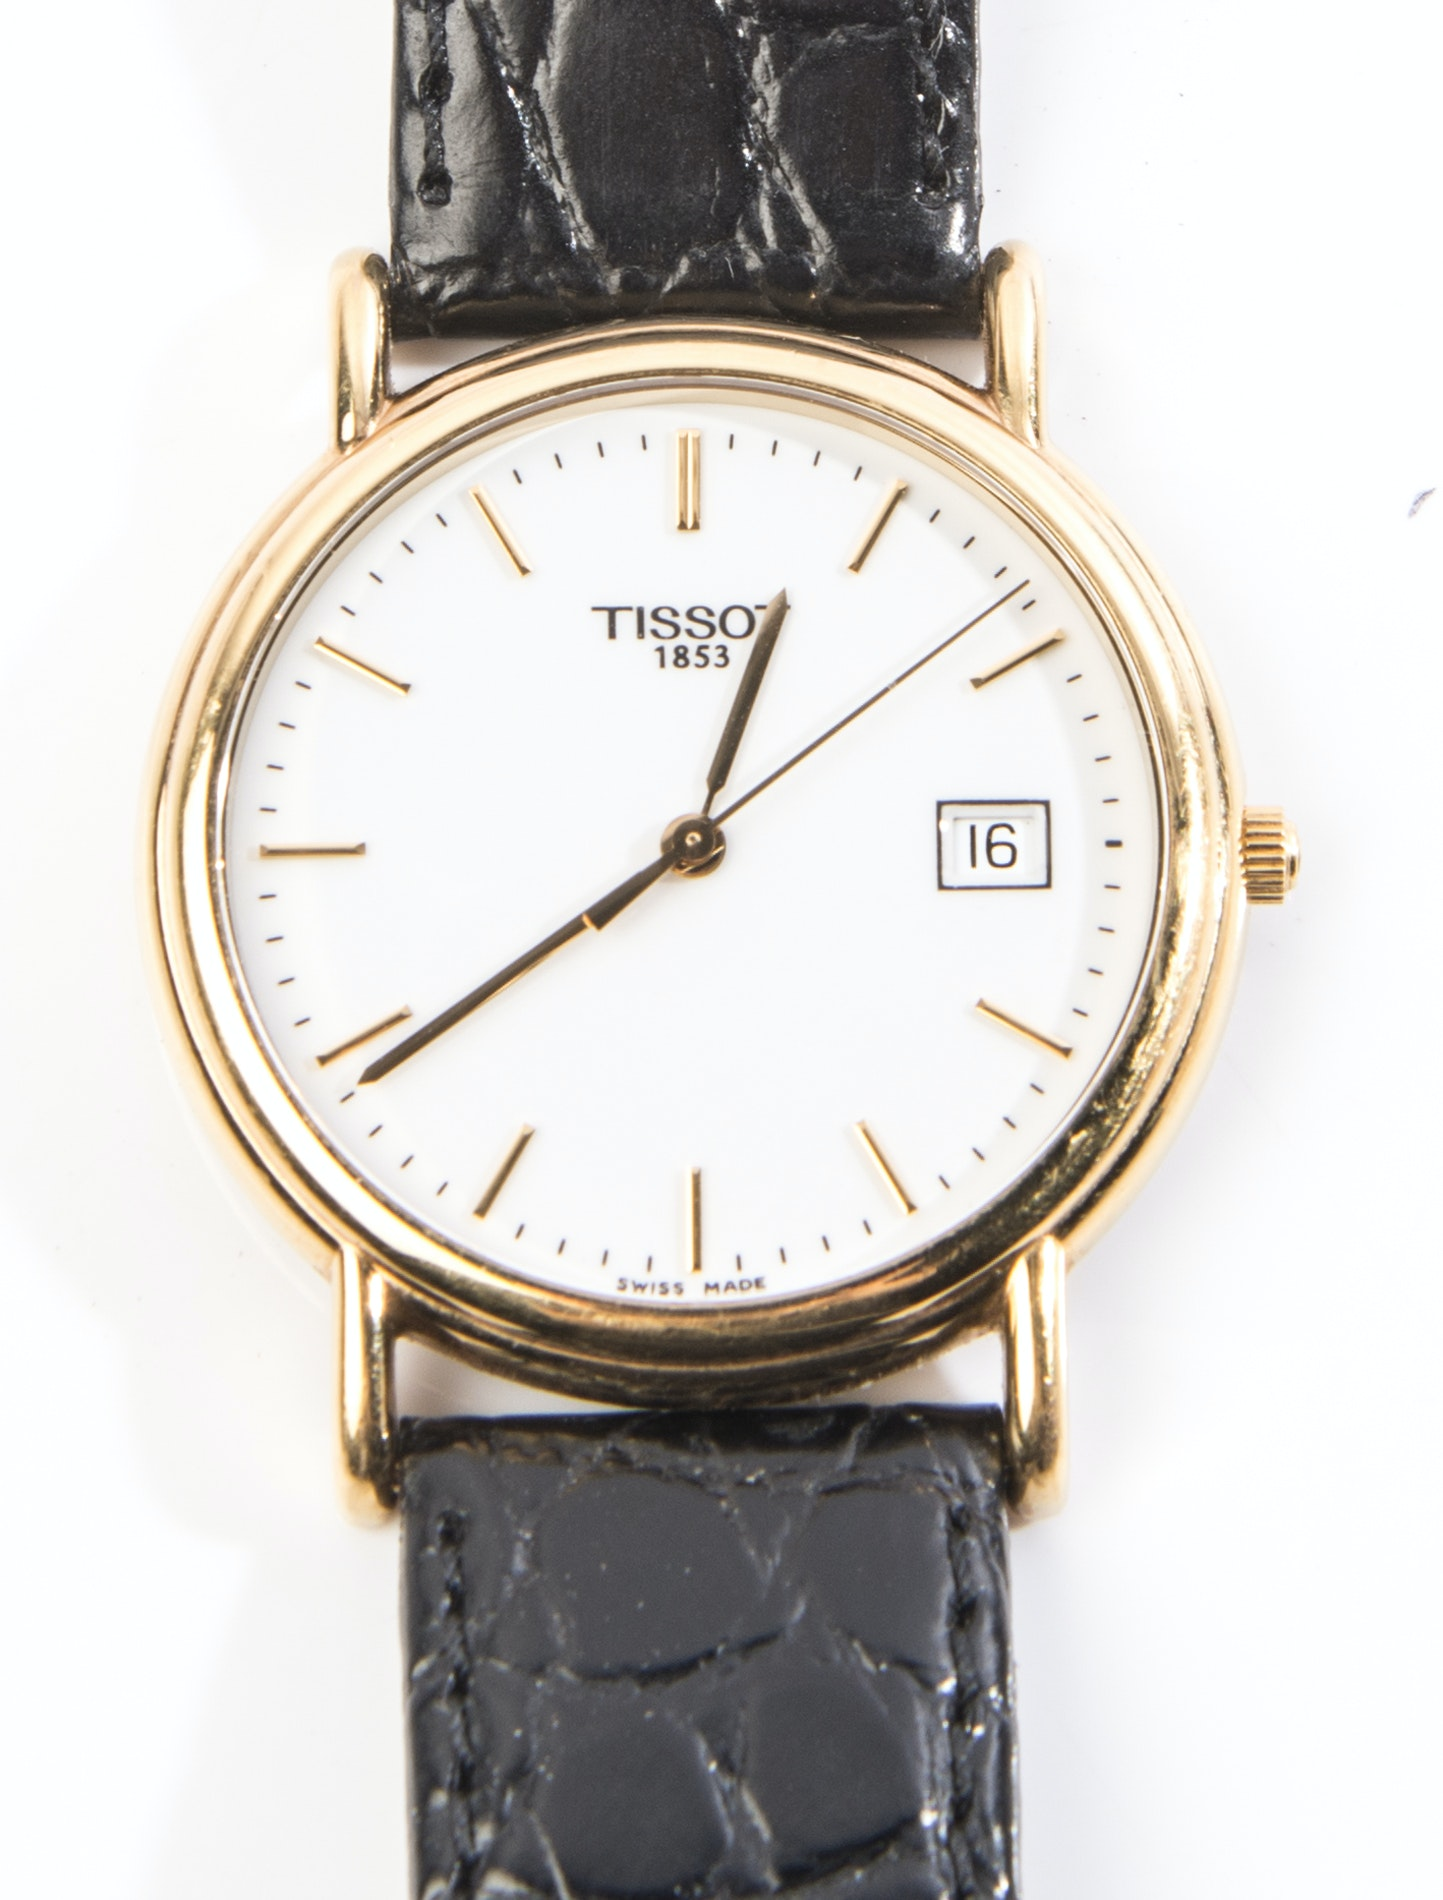 Tissot 18K Yellow Gold Wristwatch